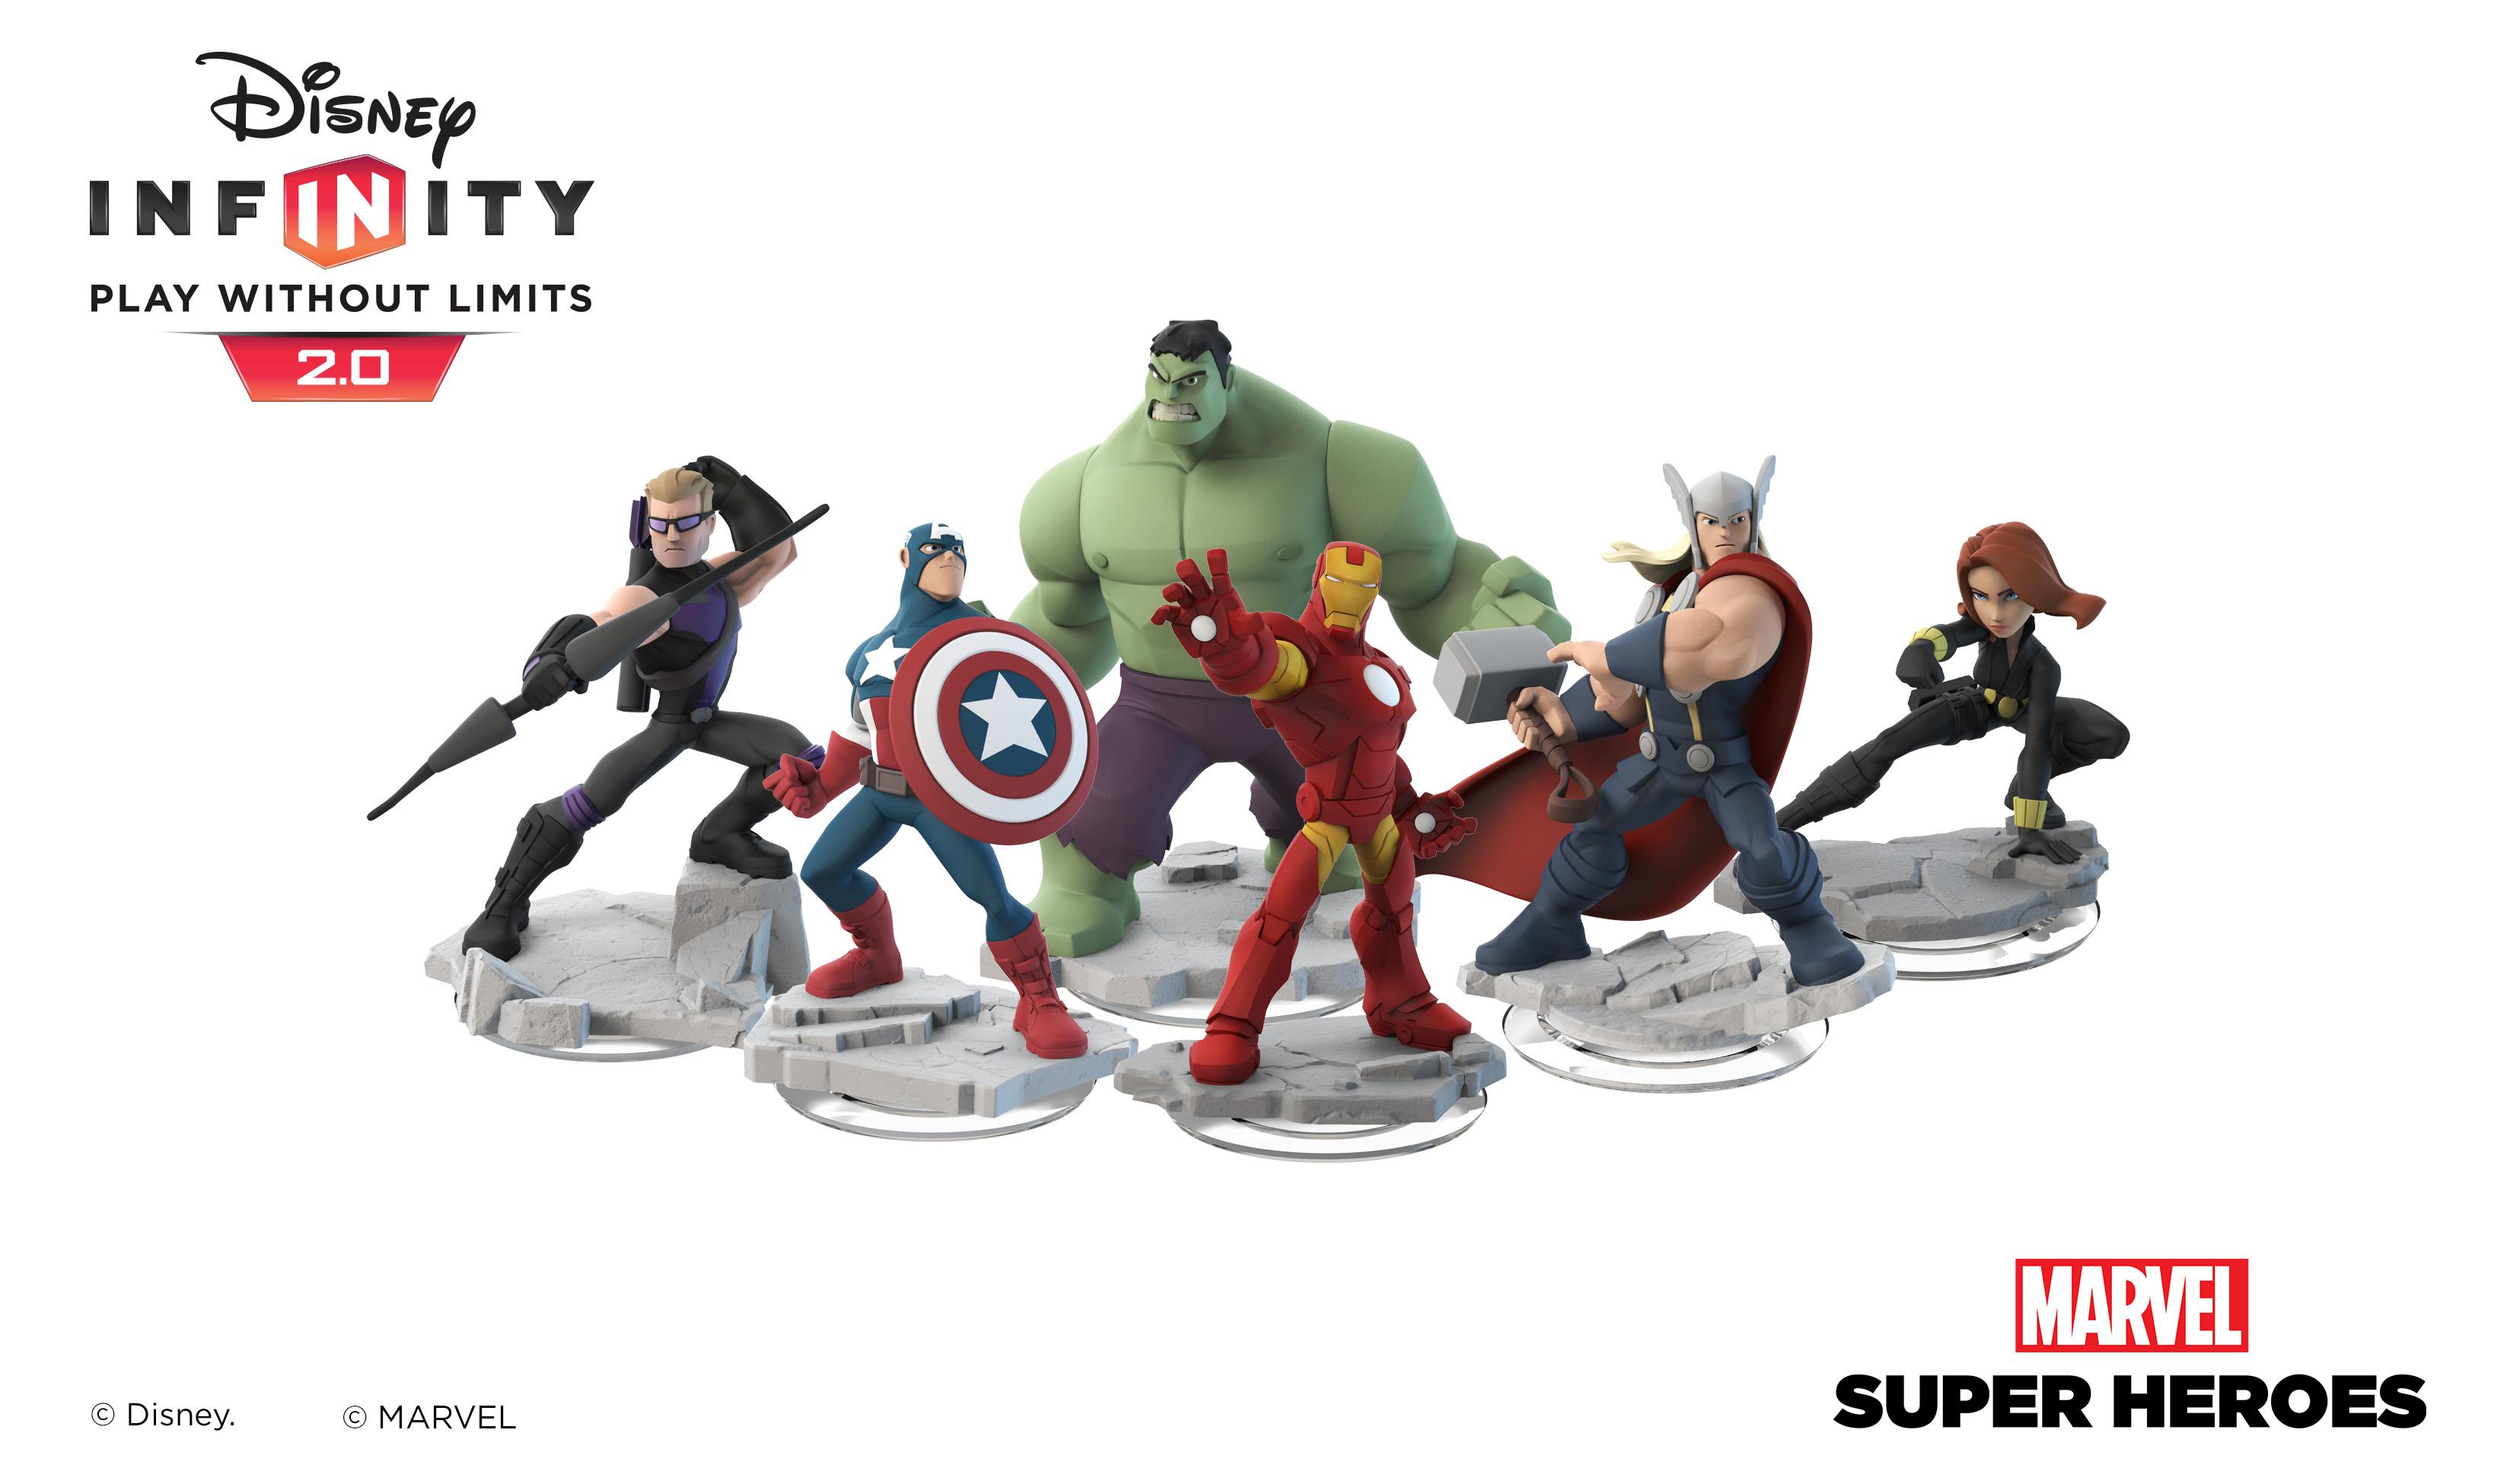 DisneyInfinity2.0